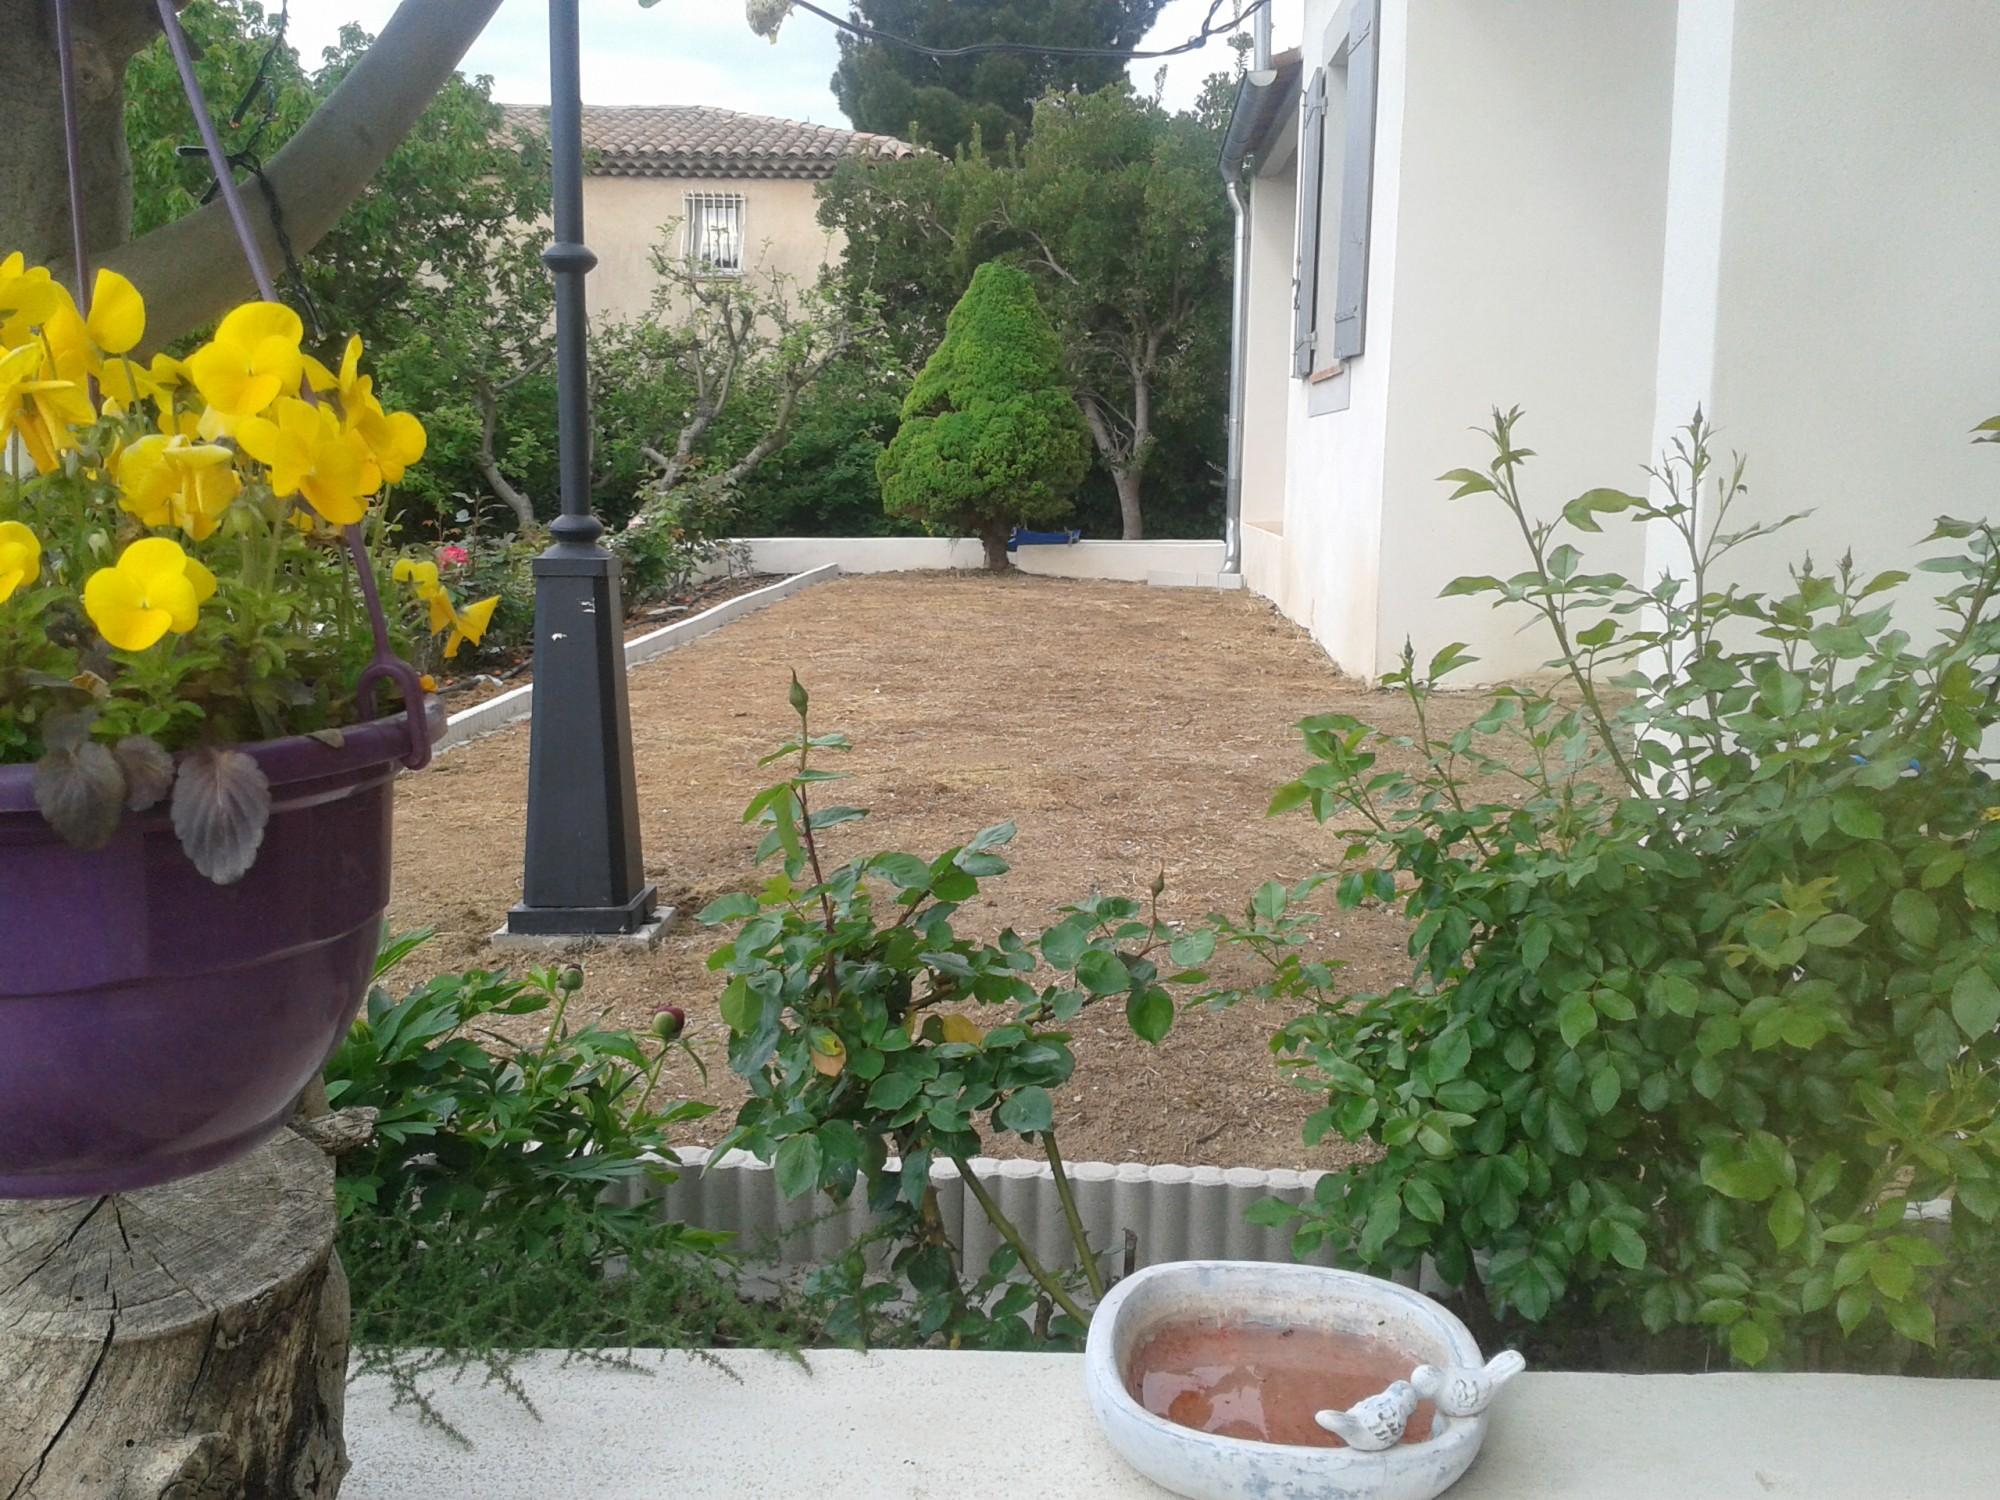 Terrain avant la pose d'un gazon synthétique à Toulon